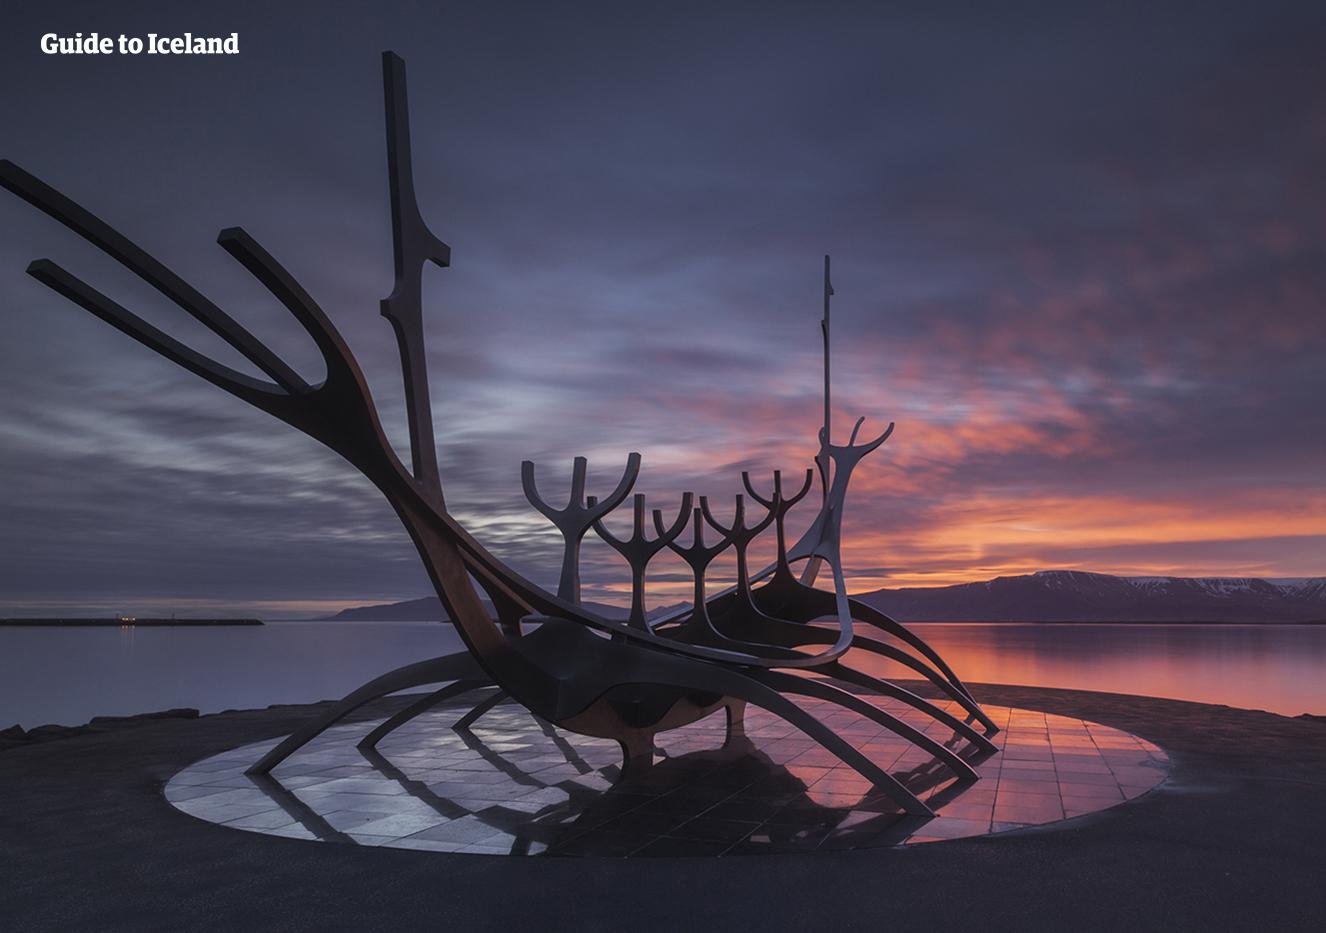 Una visita a Reikiavik no estaría completa sin una visita al Sun Voyager cerca de la Sala de Conciertos Harpa.